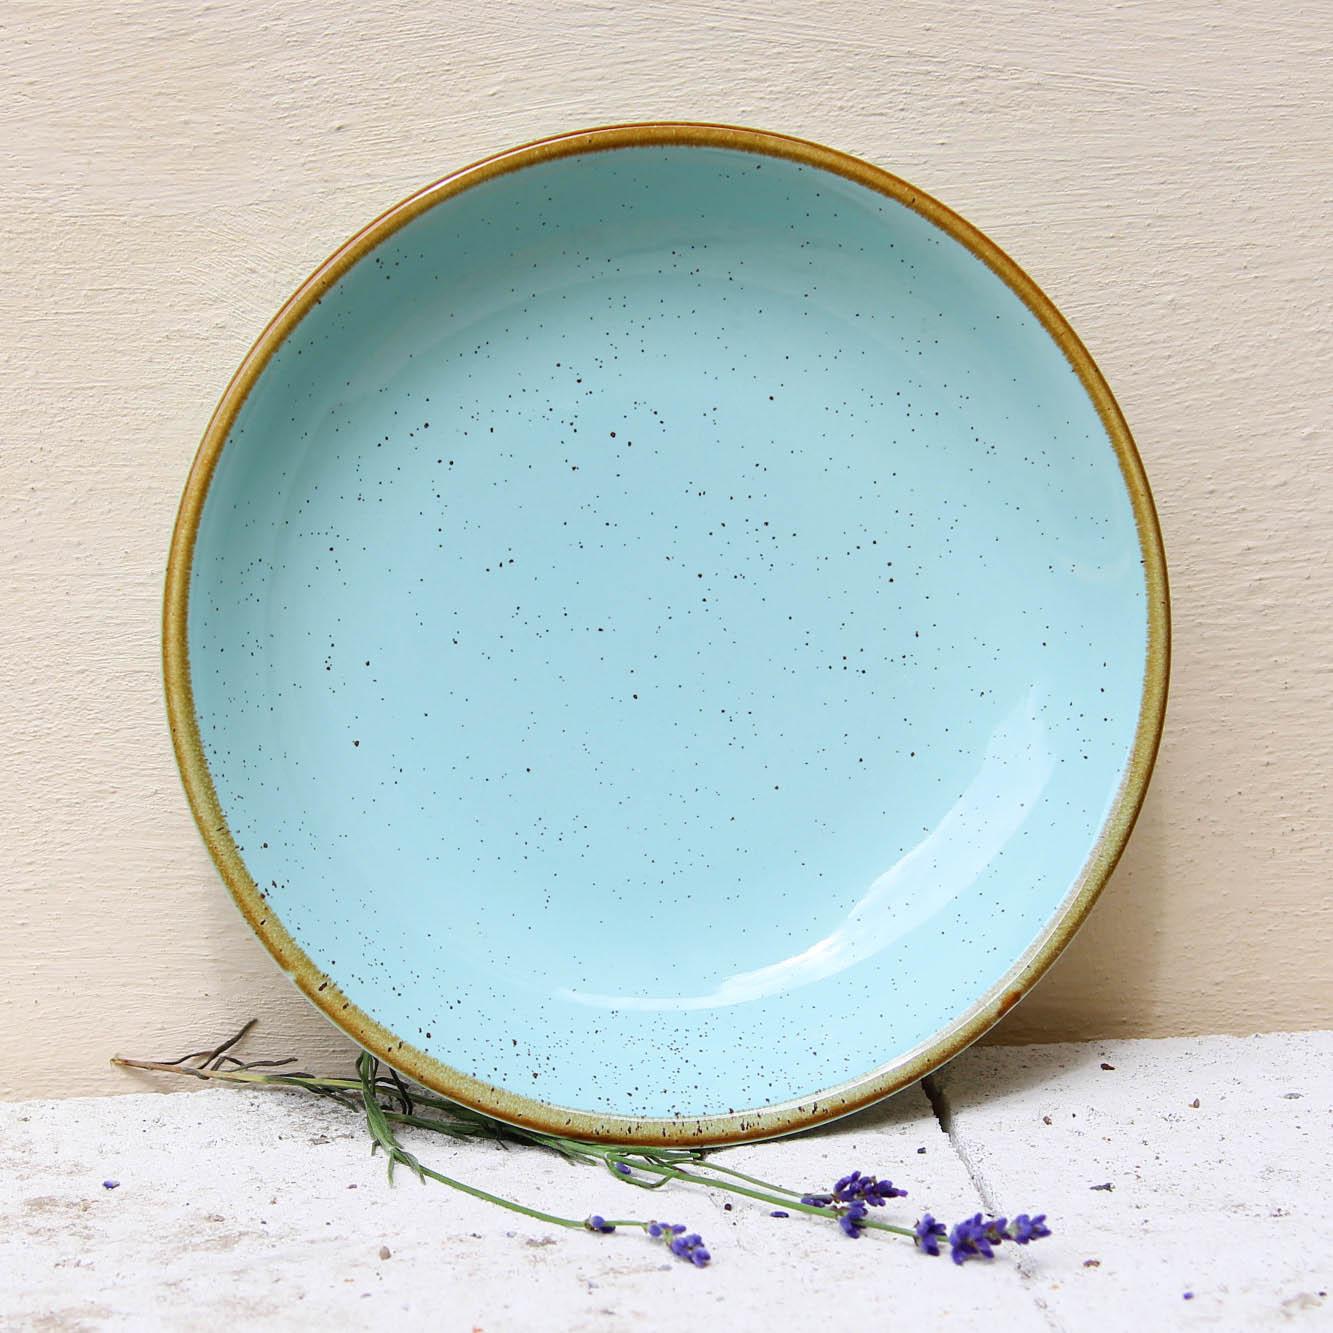 Farfurie adanca Gardena din ceramica turcoaz 23 cm chicville 2021